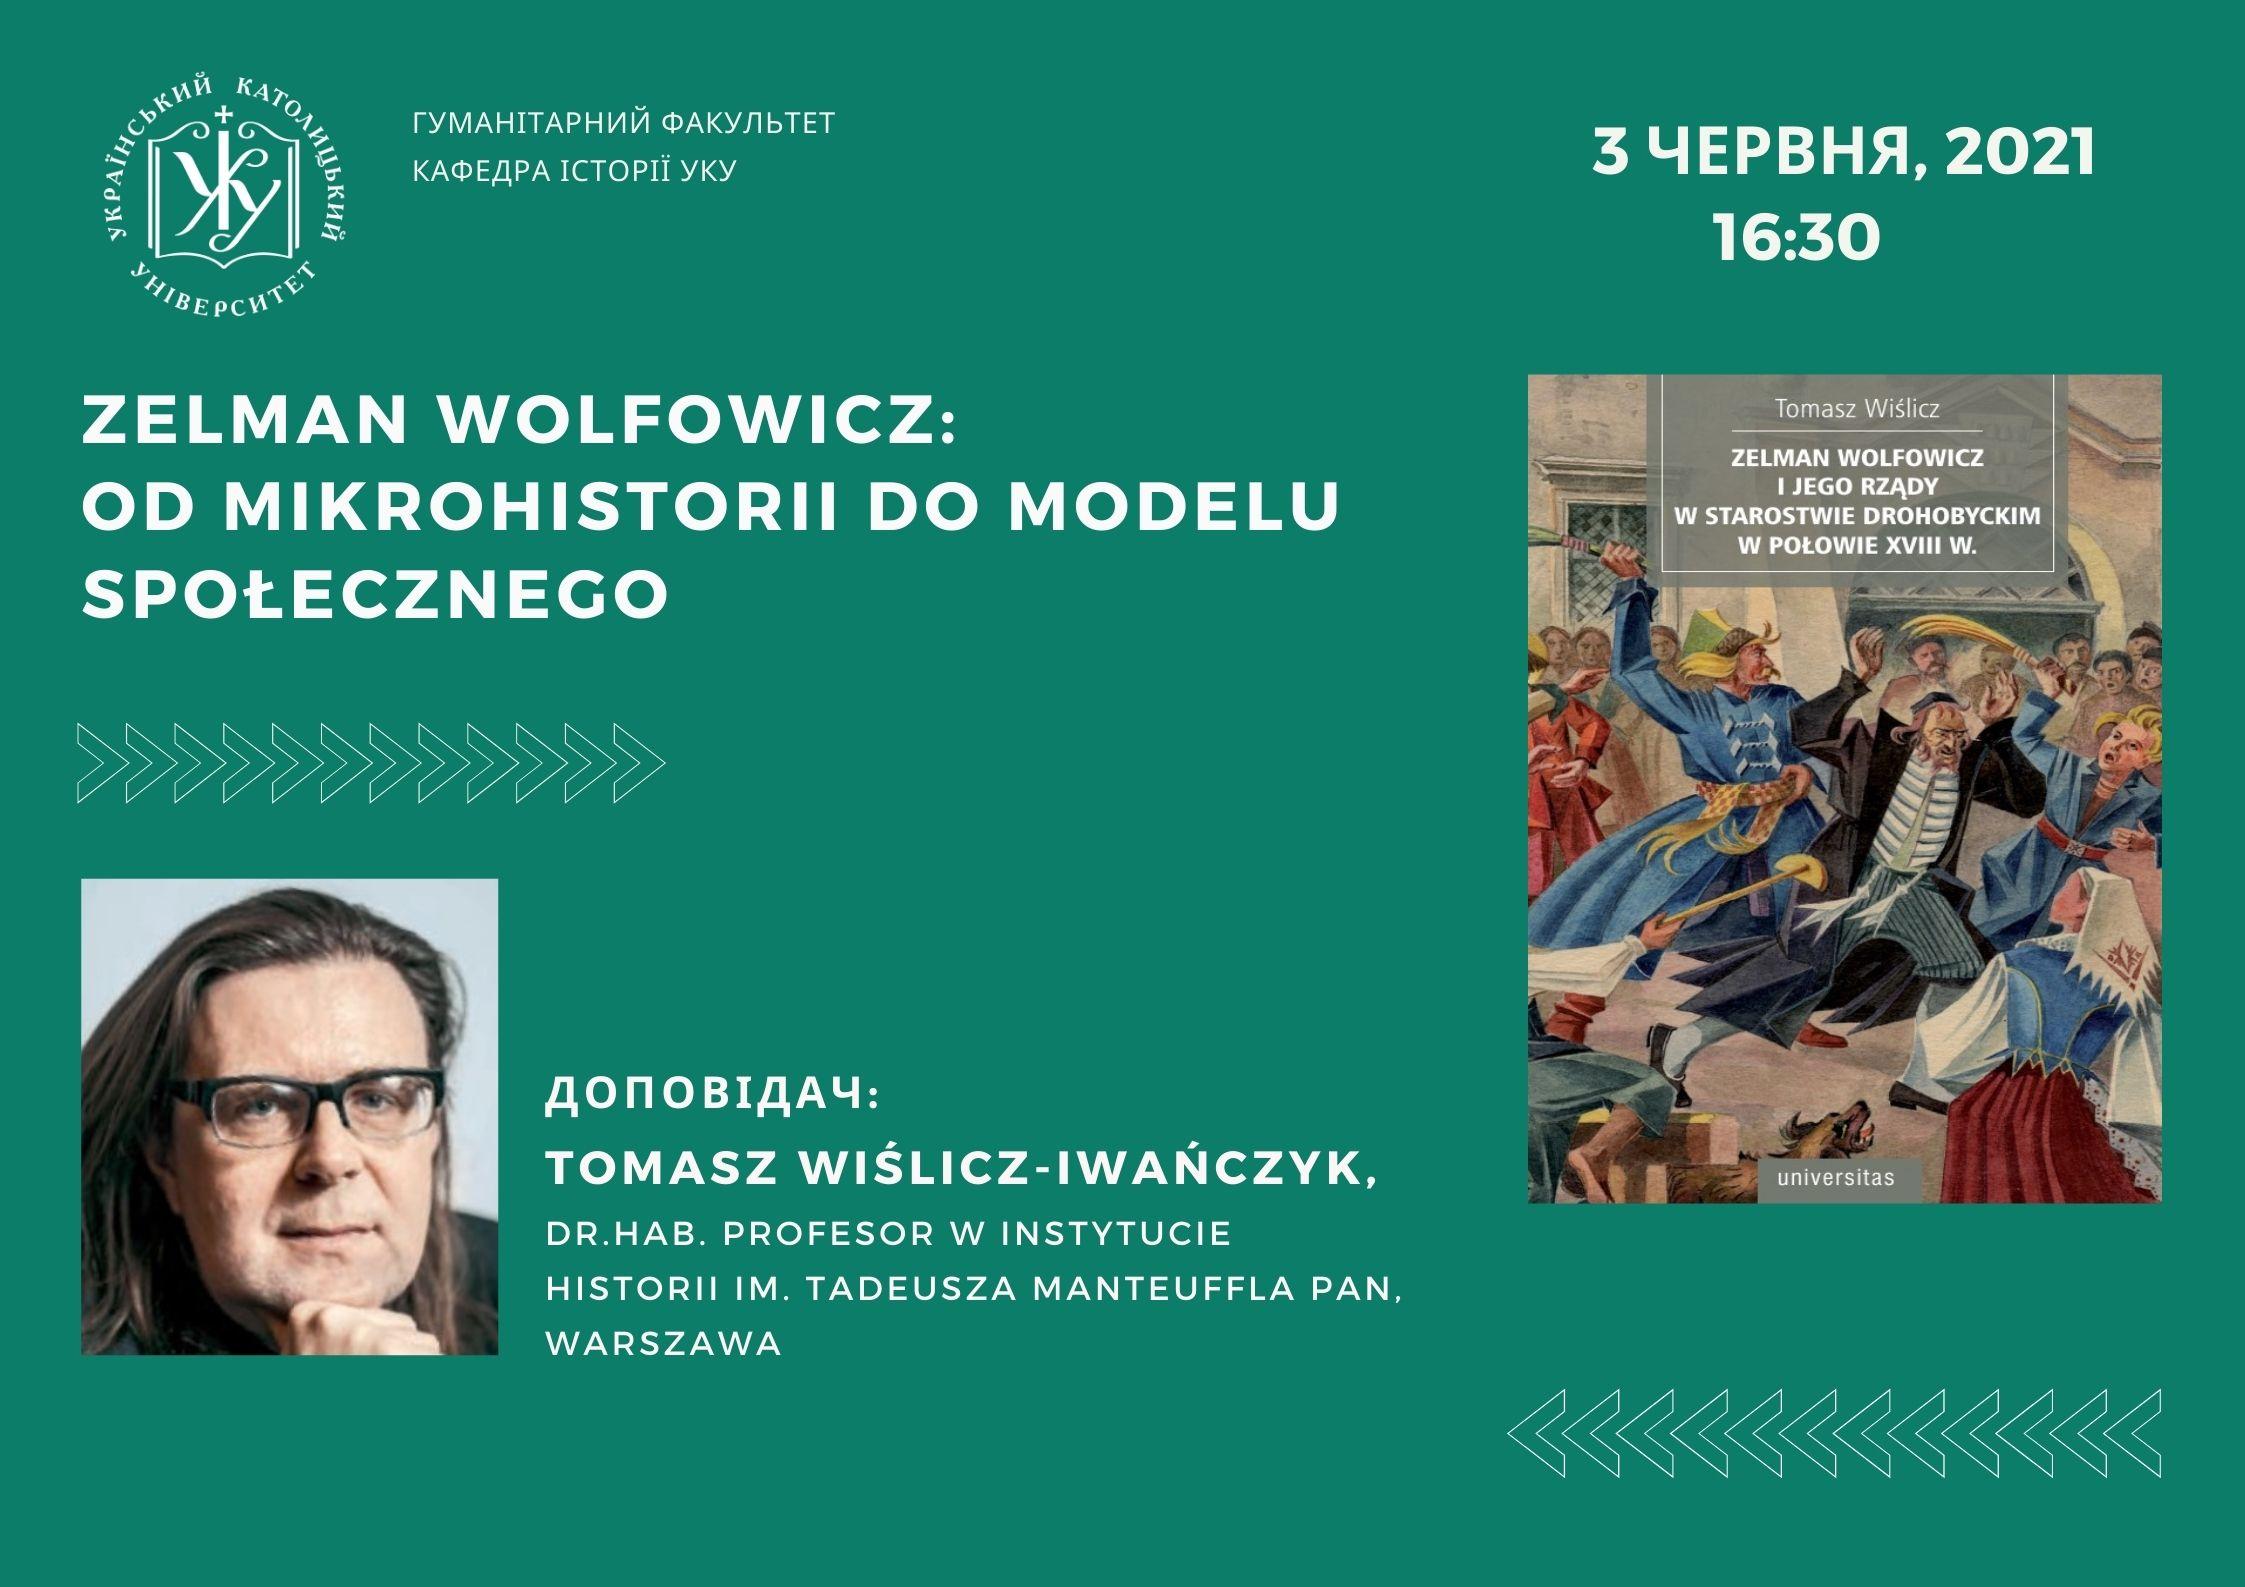 Zelman Wolfowicz: od mikrohistorii do modelu społecznego